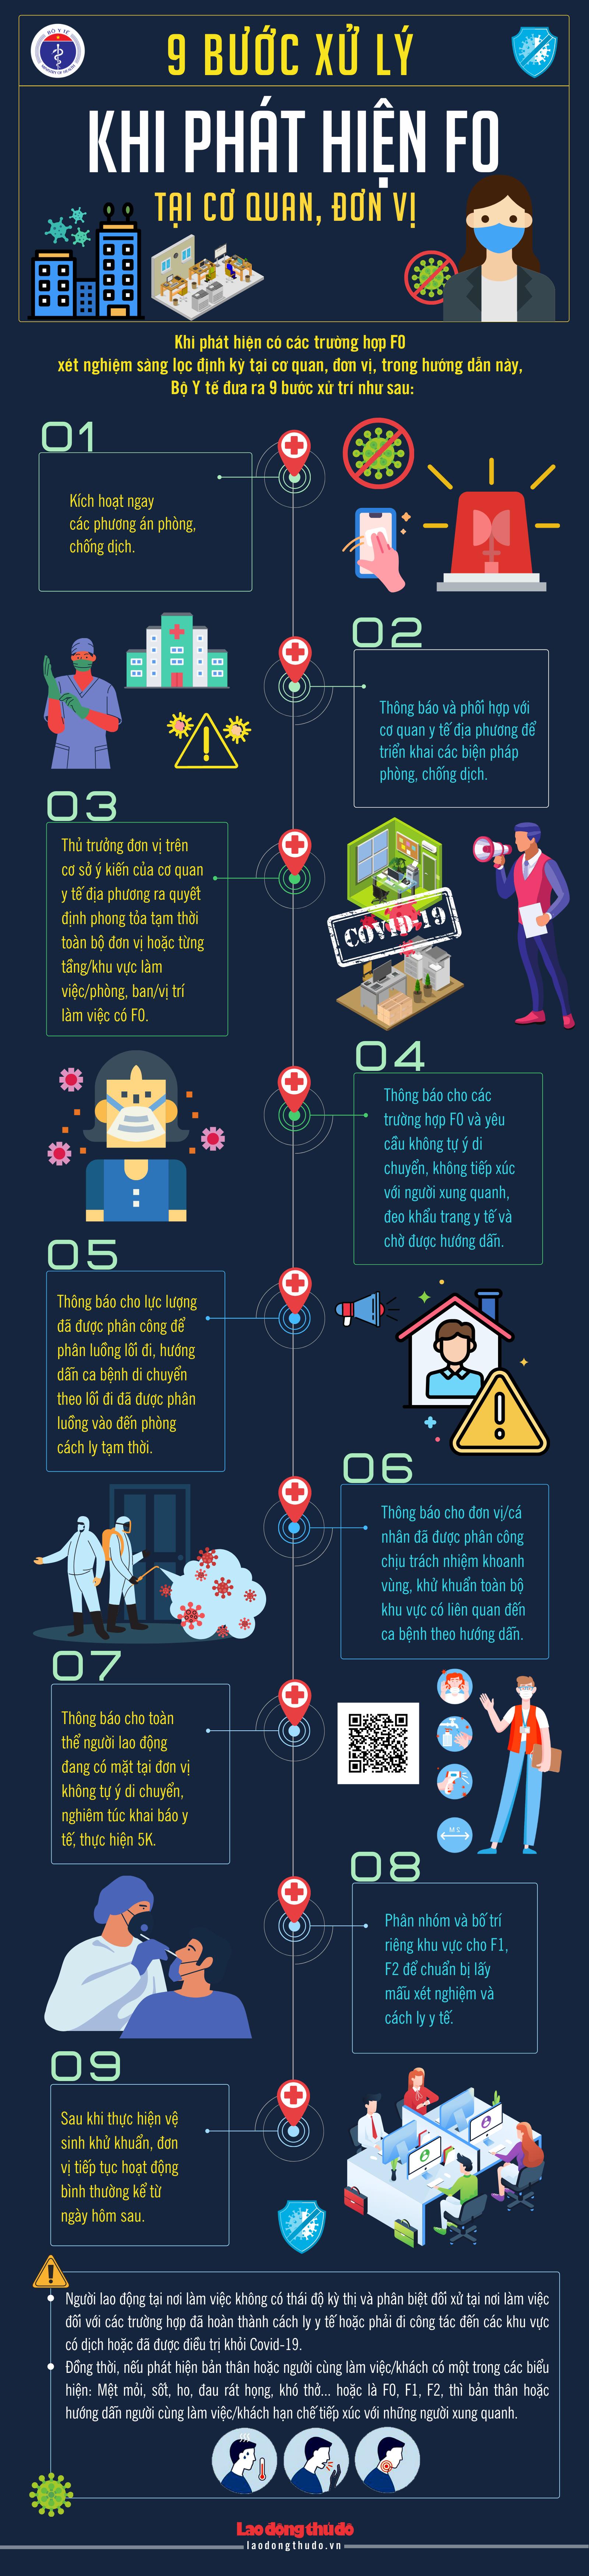 [Infographic] 9 bước xử lý khi phát hiện F0 tại cơ quan, đơn vị